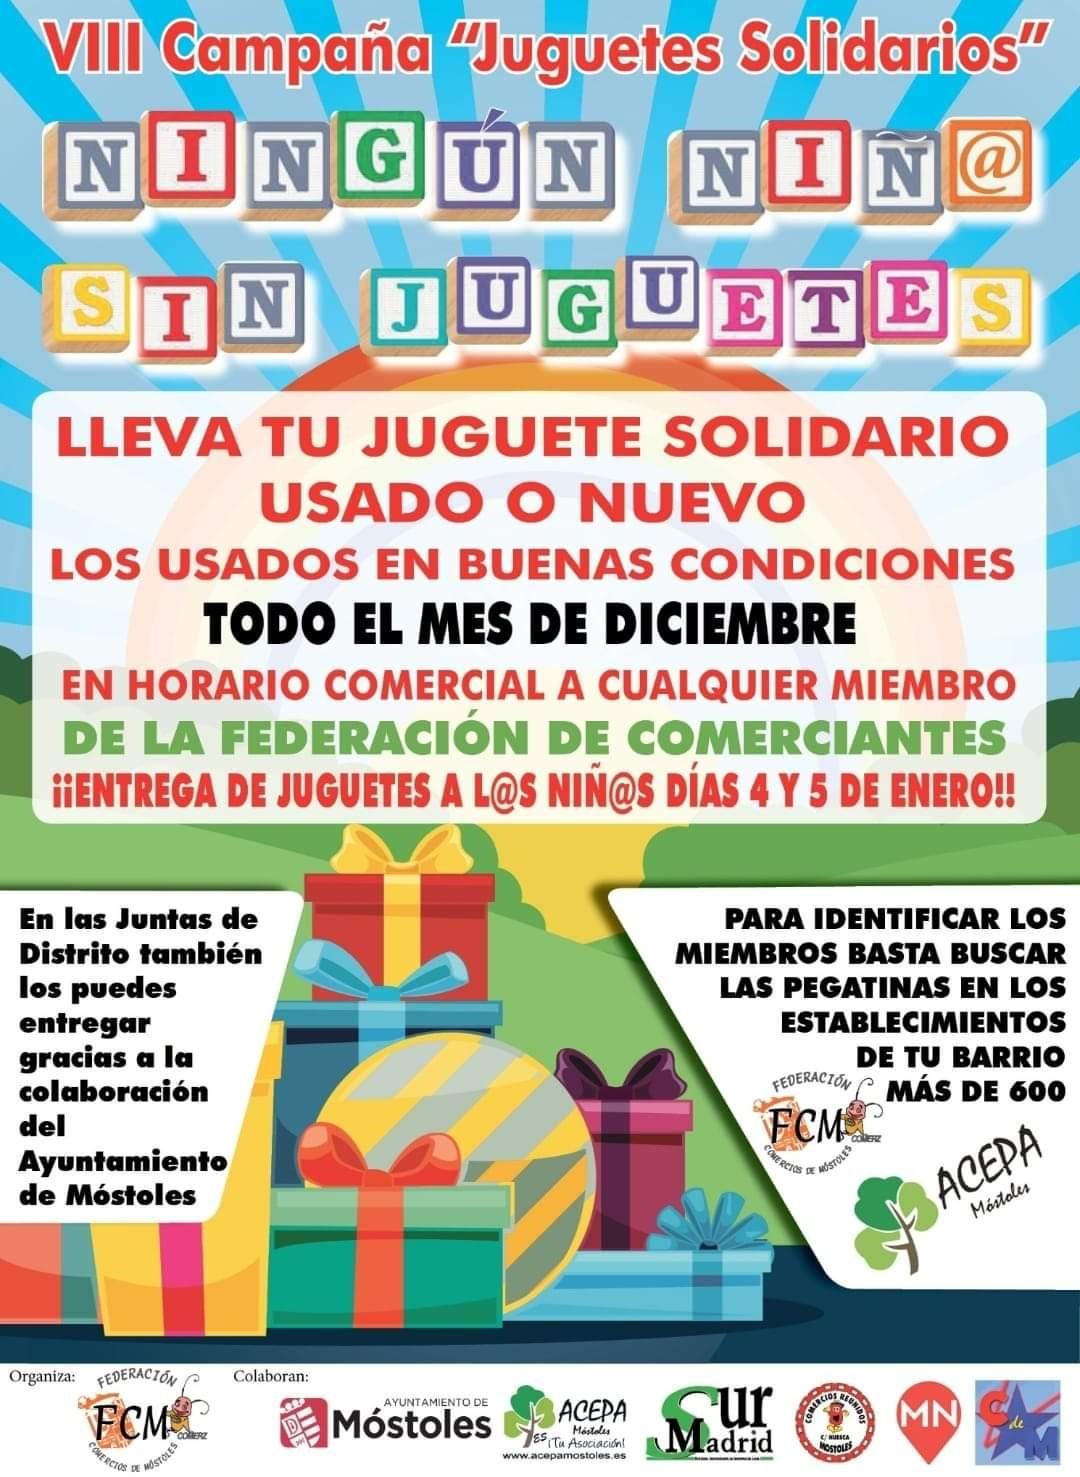 Juguetes Solidarios Federación de Comerciantes de Móstoles